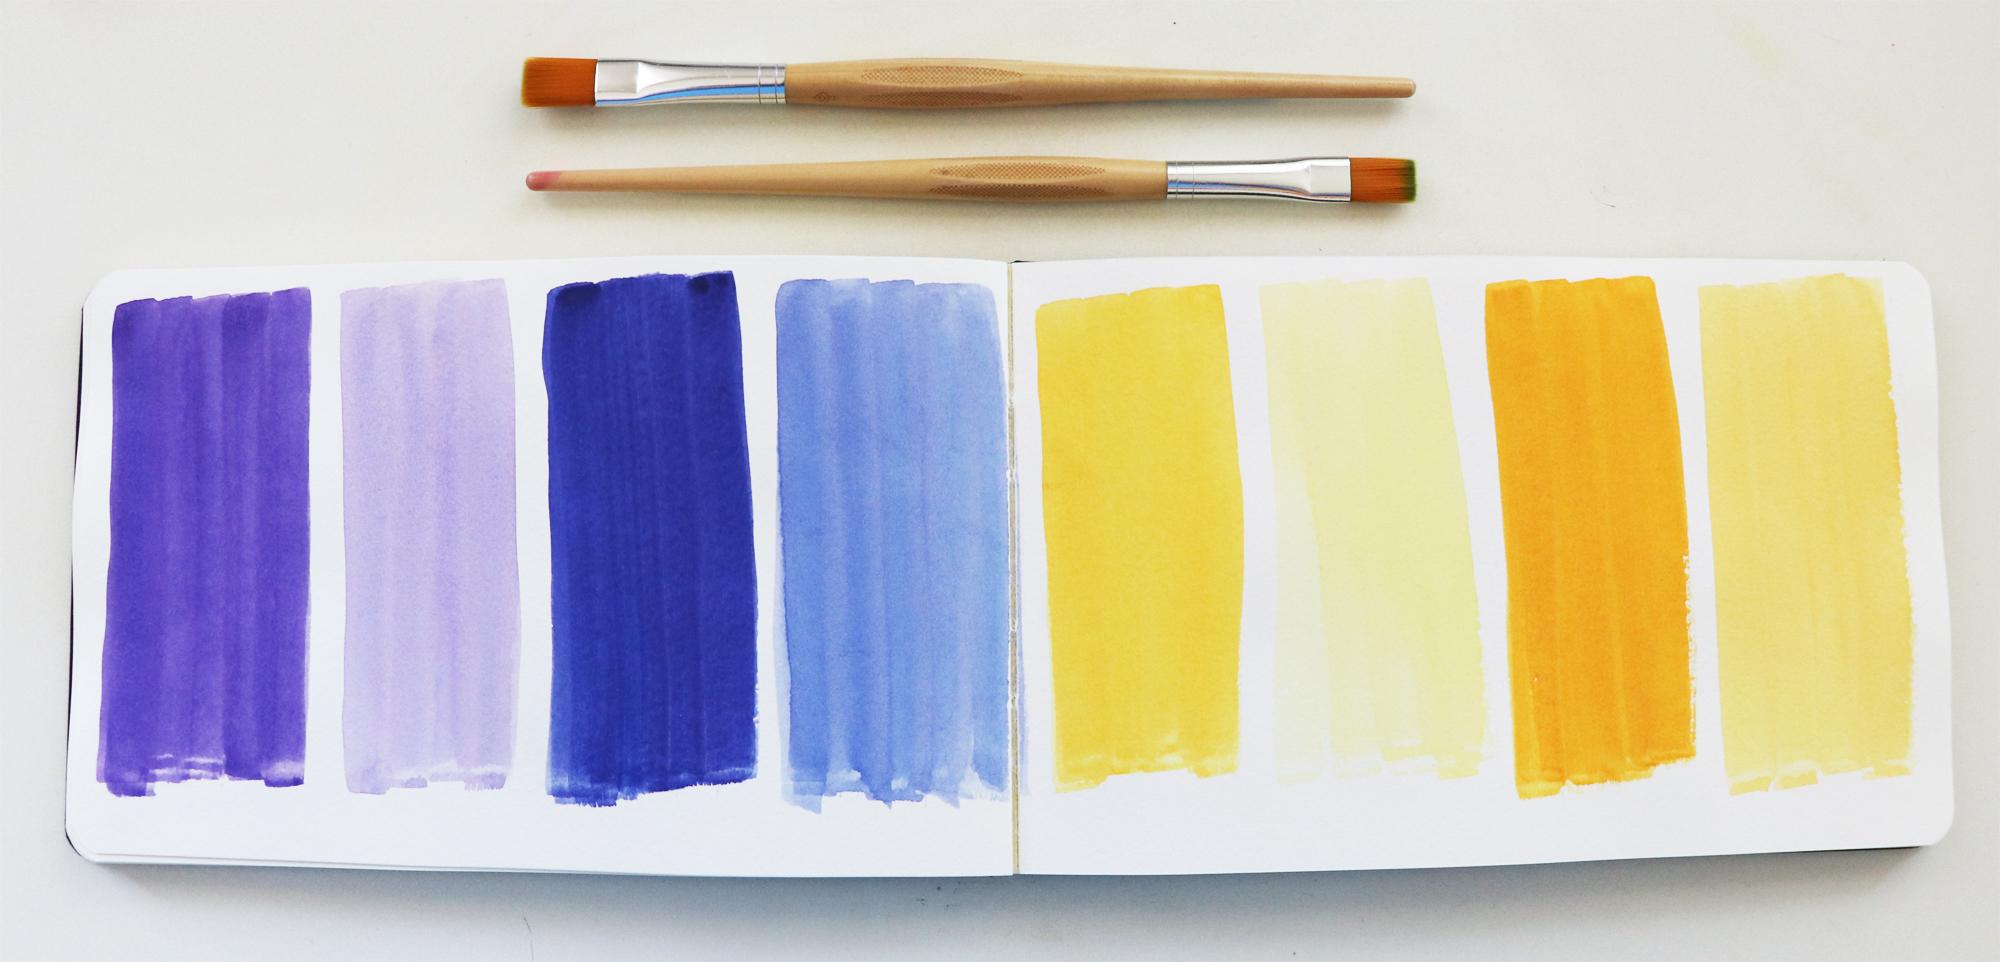 Farben-Challenge-Workbook-Ultramarinblau-Sonnengelb